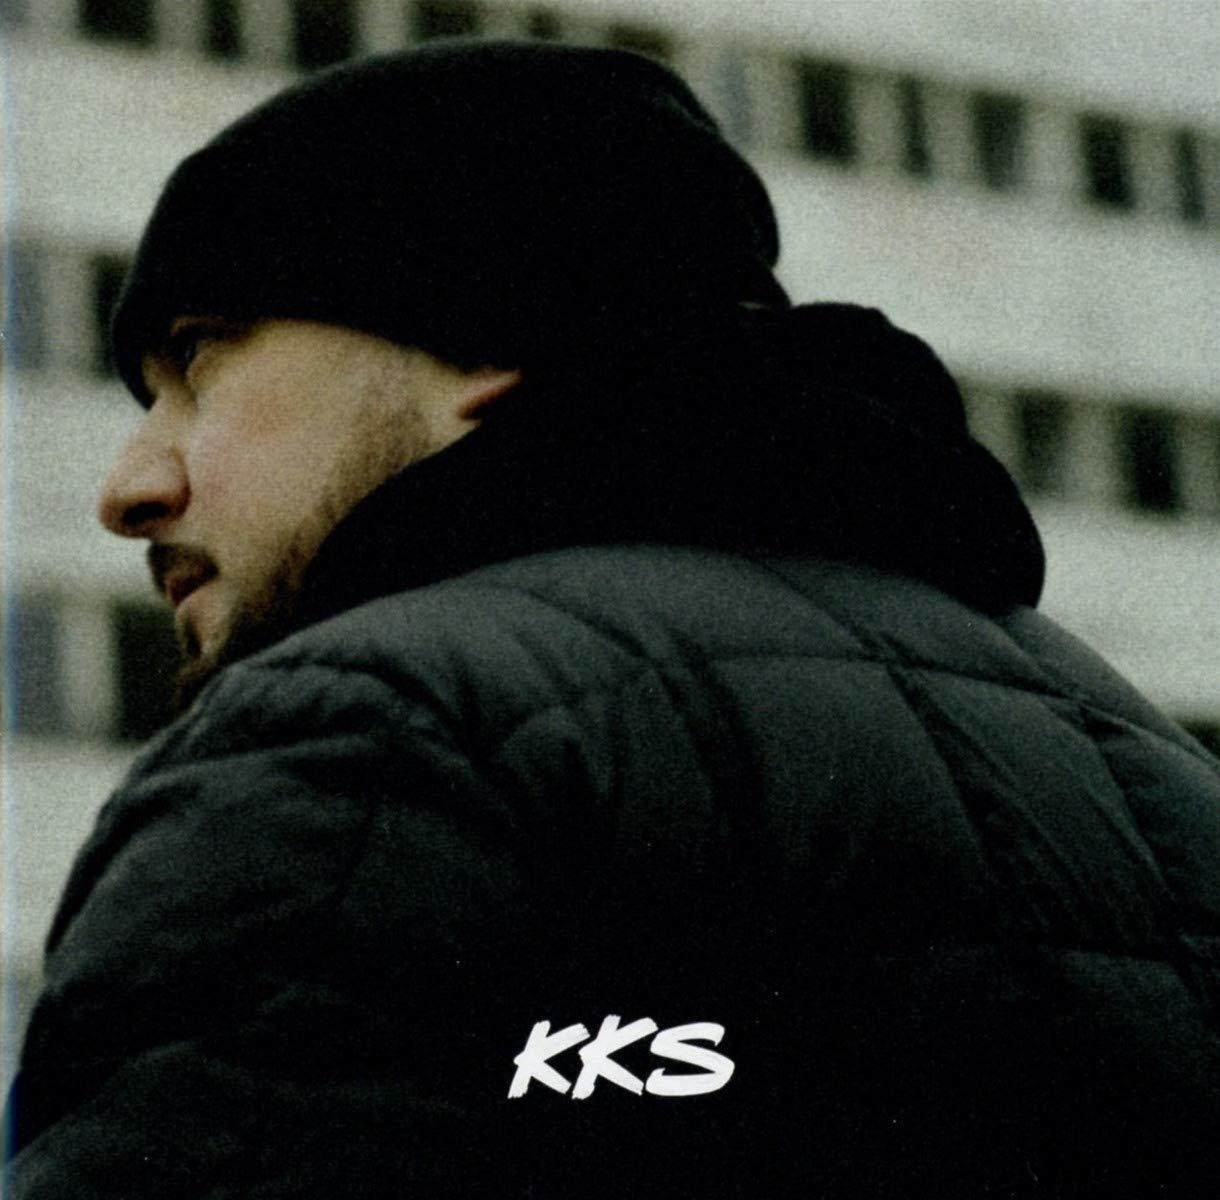 KKS (Kool Savas) für 17,99 Euro